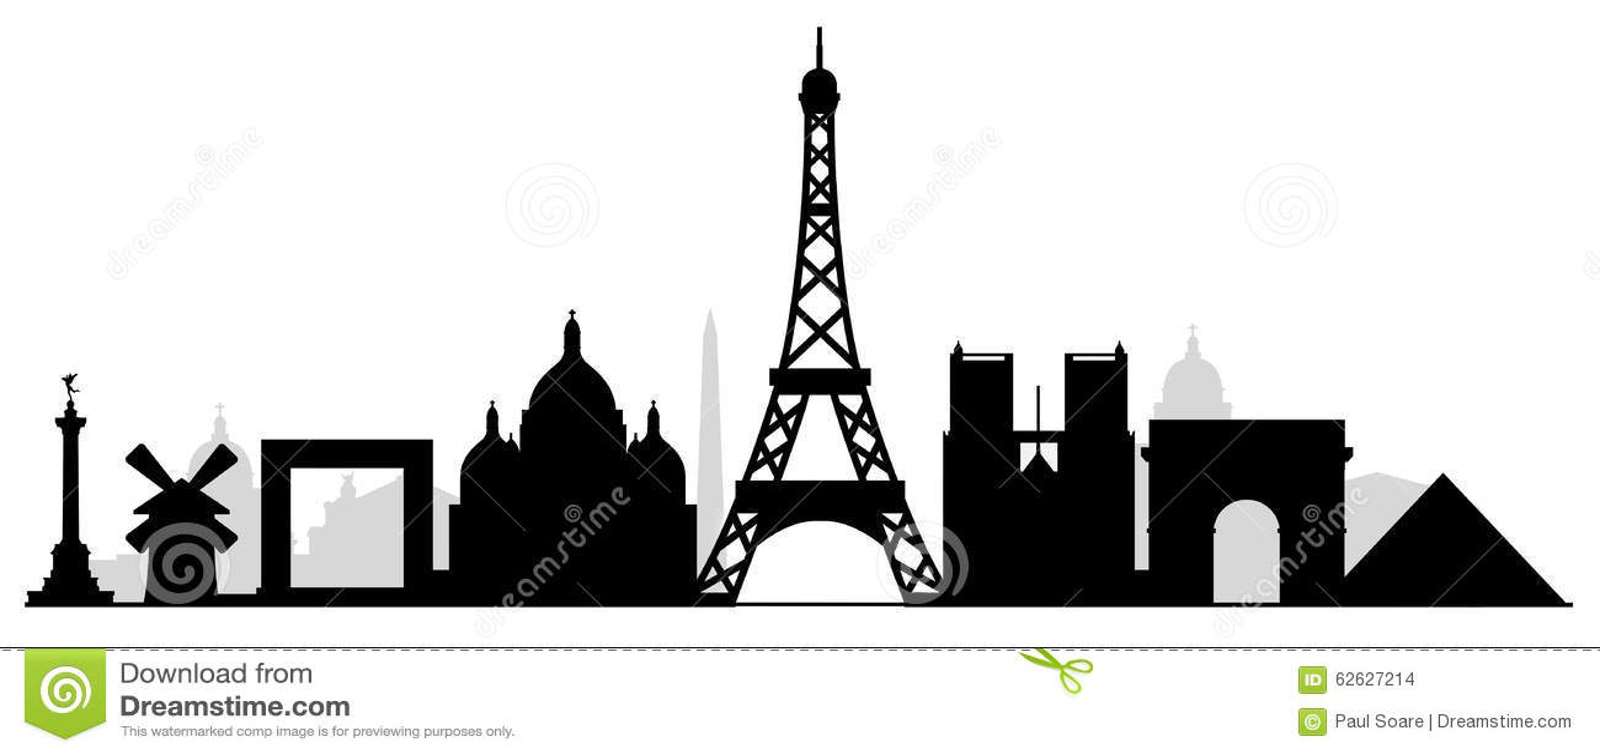 Paris city buildings silhouette skyline